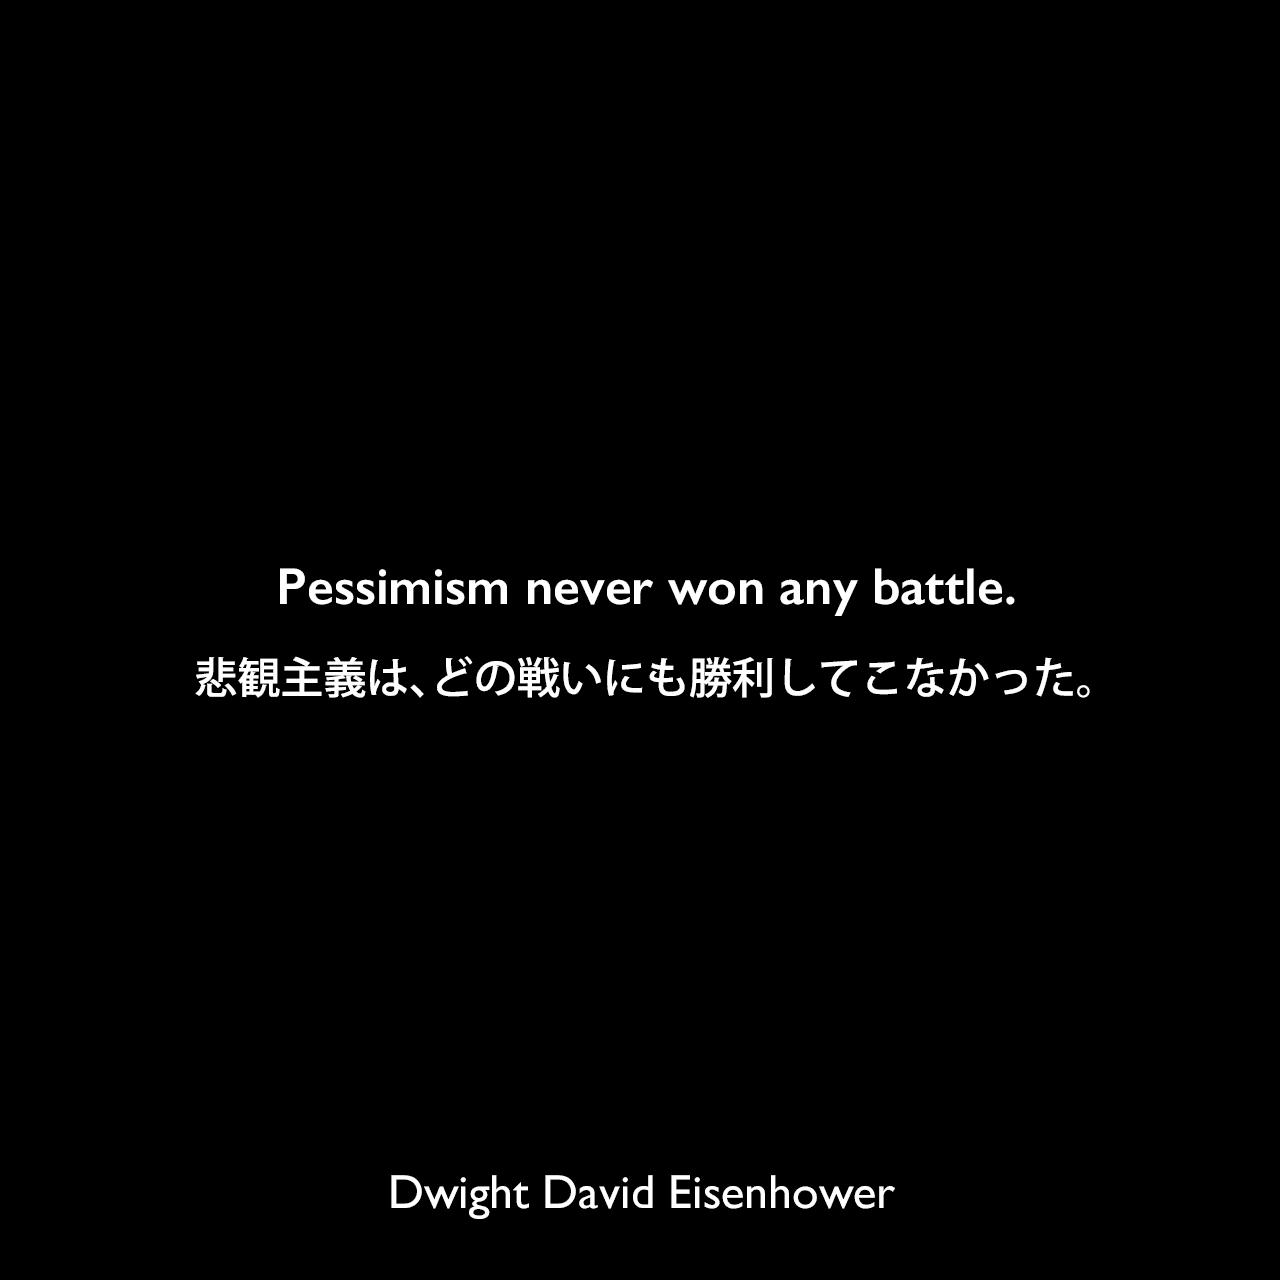 Pessimism never won any battle.悲観主義は、どの戦いにも勝利してこなかった。